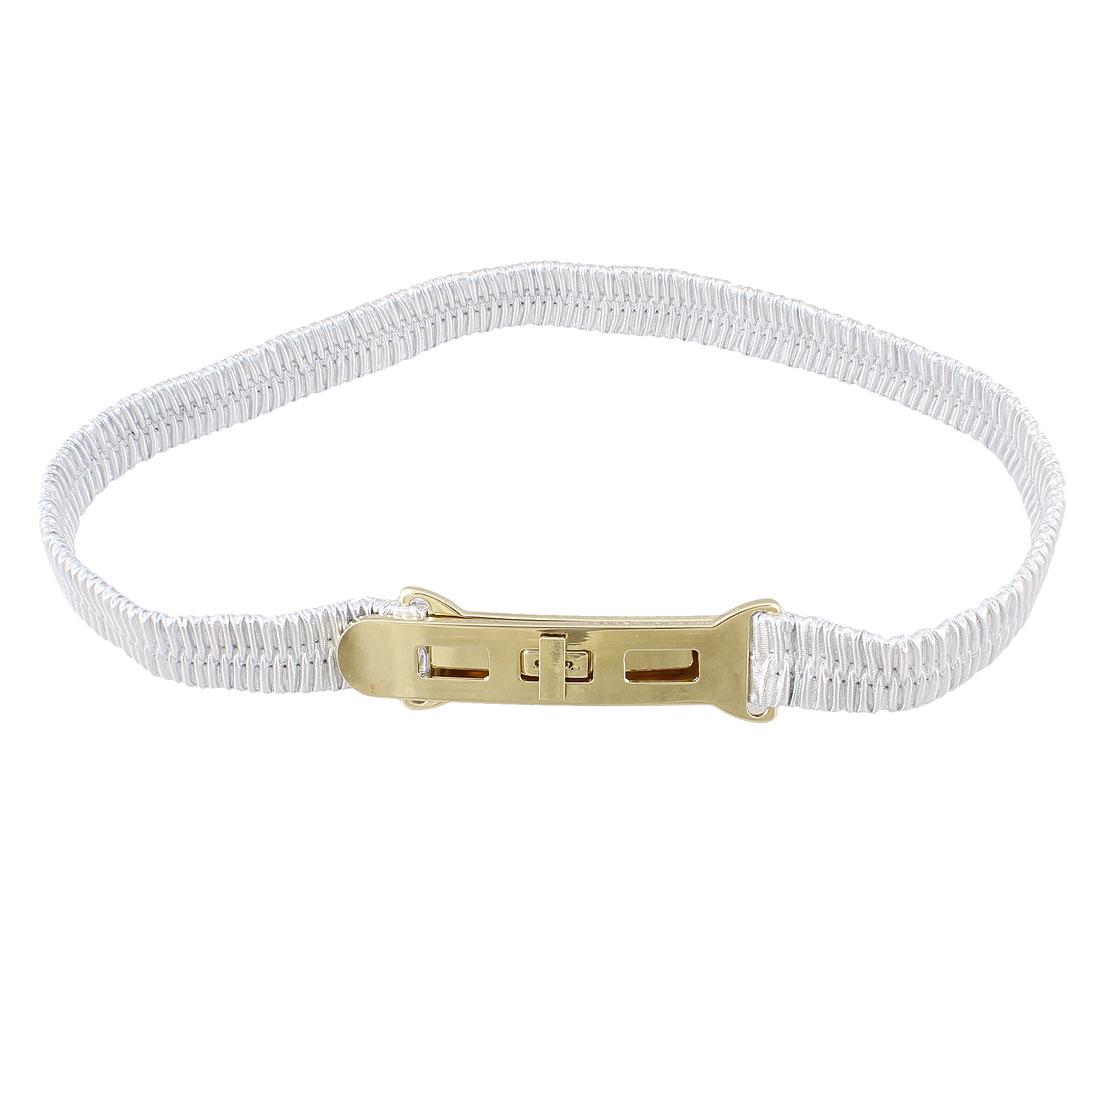 Metal Turn Lock Buckle Silver Tone Elastic Waist Cinch Belt for Lady